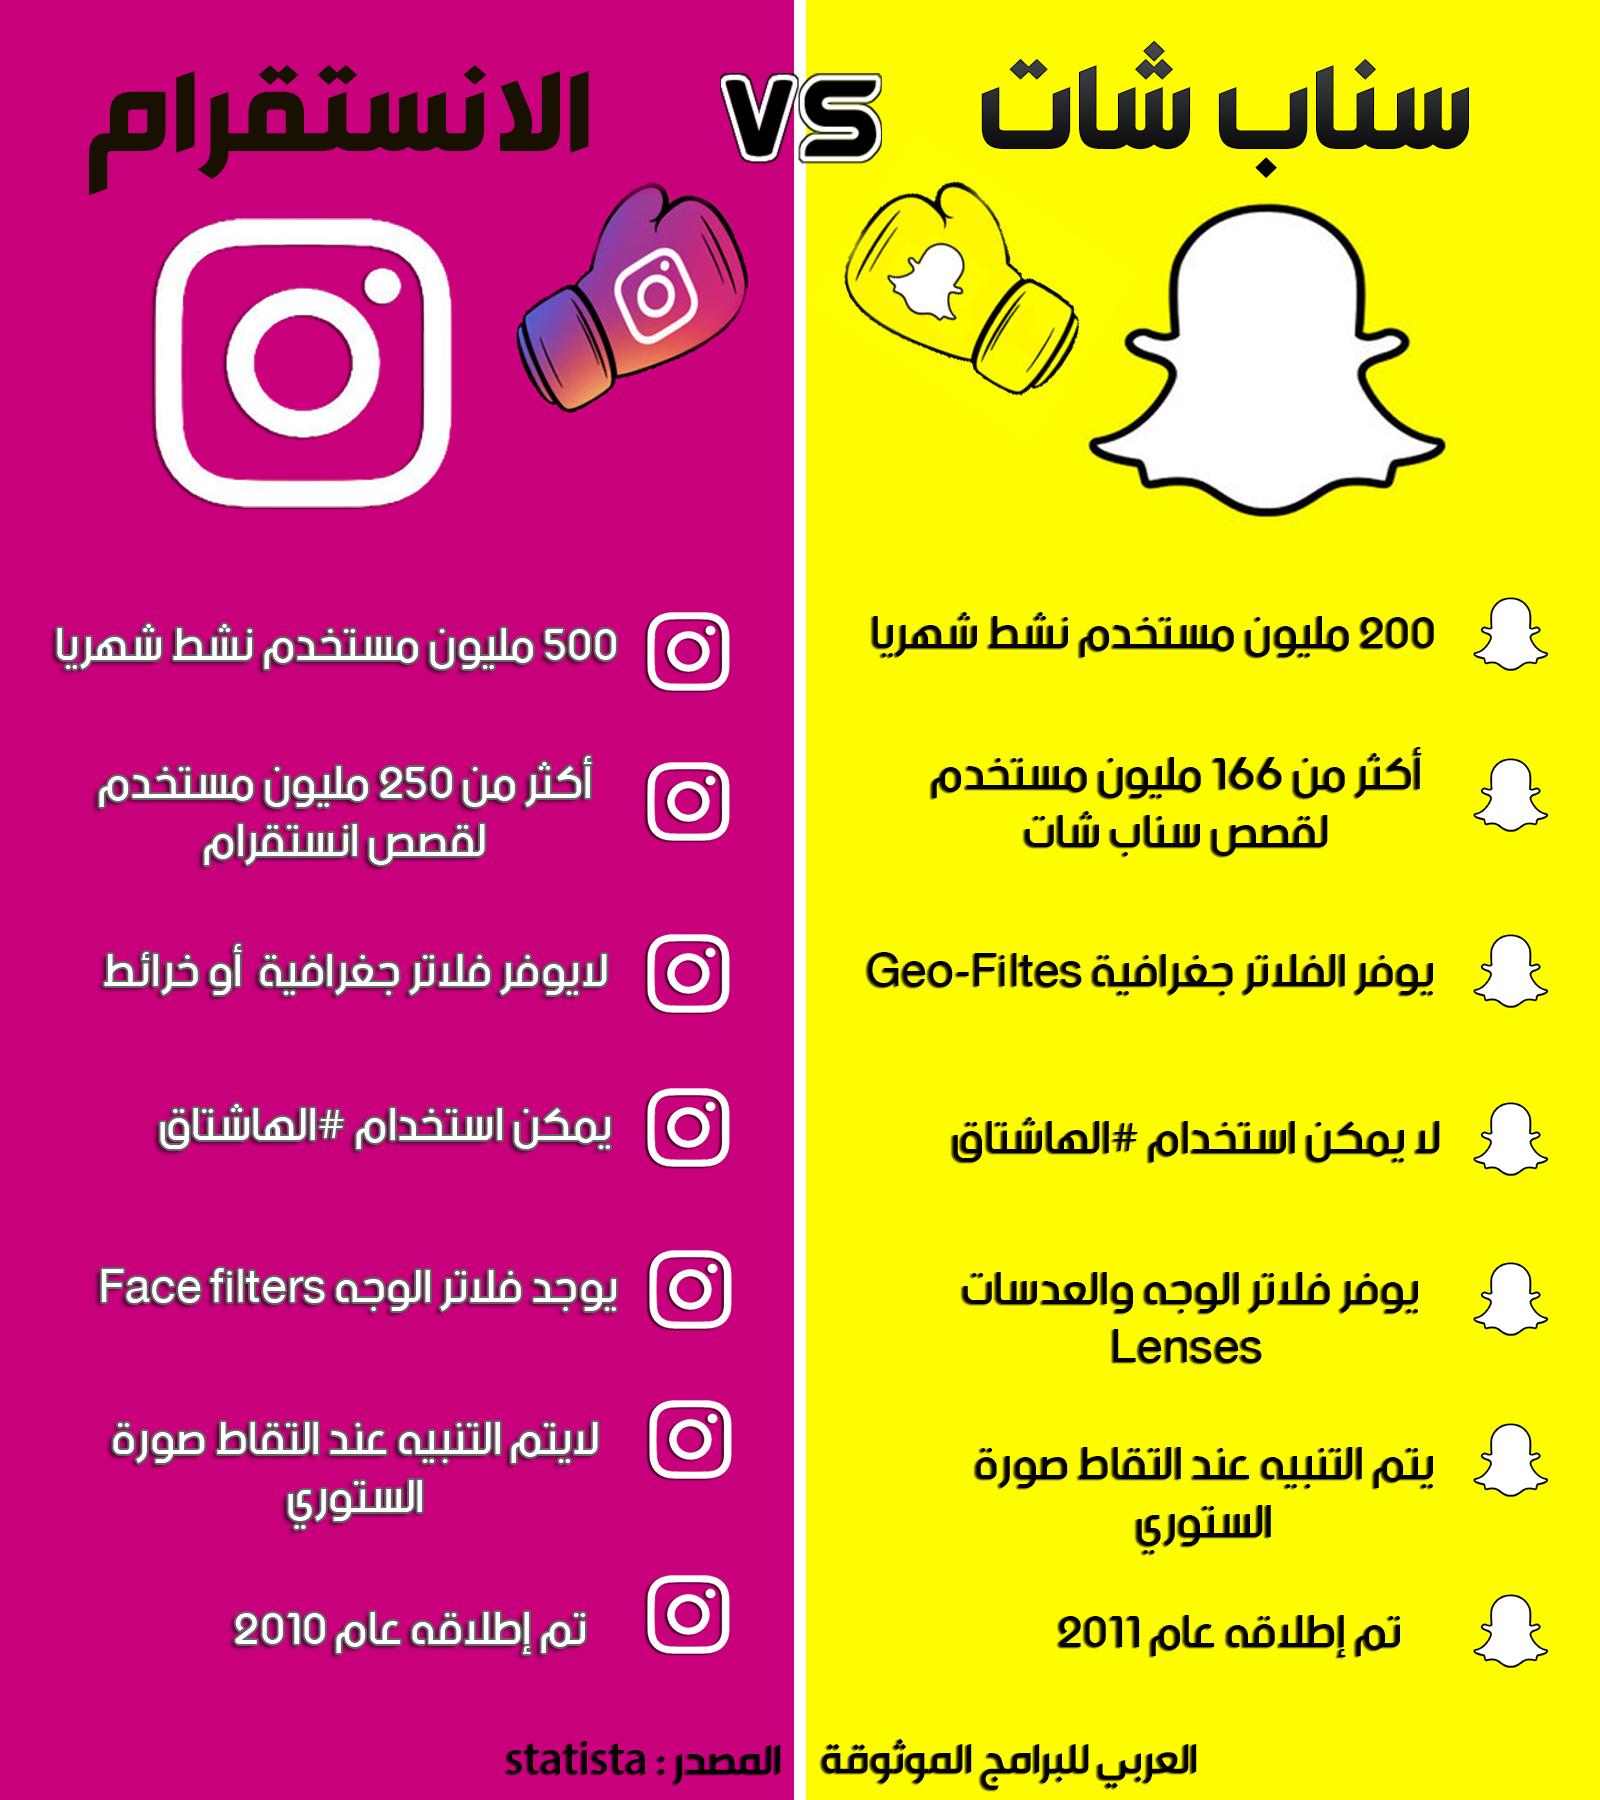 شرح الانستقرام الجديد بالصور وكل ما تود معرفته عن برنامج انستقرام بالعربي 2019 Instagram